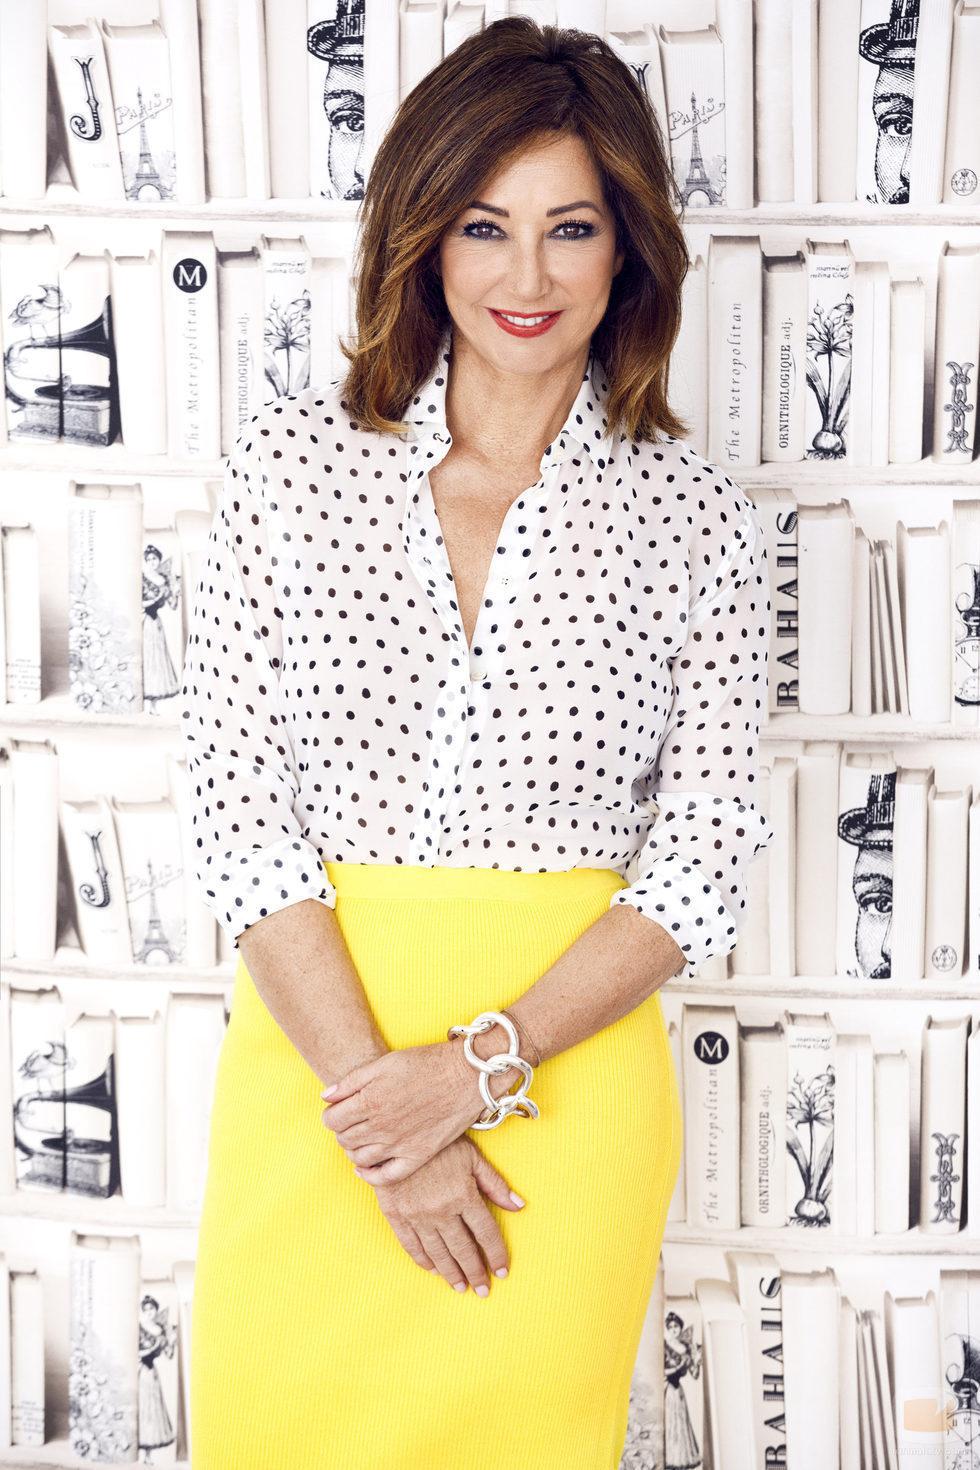 Ana Rosa Quintana, en las fotos promocionales de la nueva temporada de 'El programa de Ana Rosa'